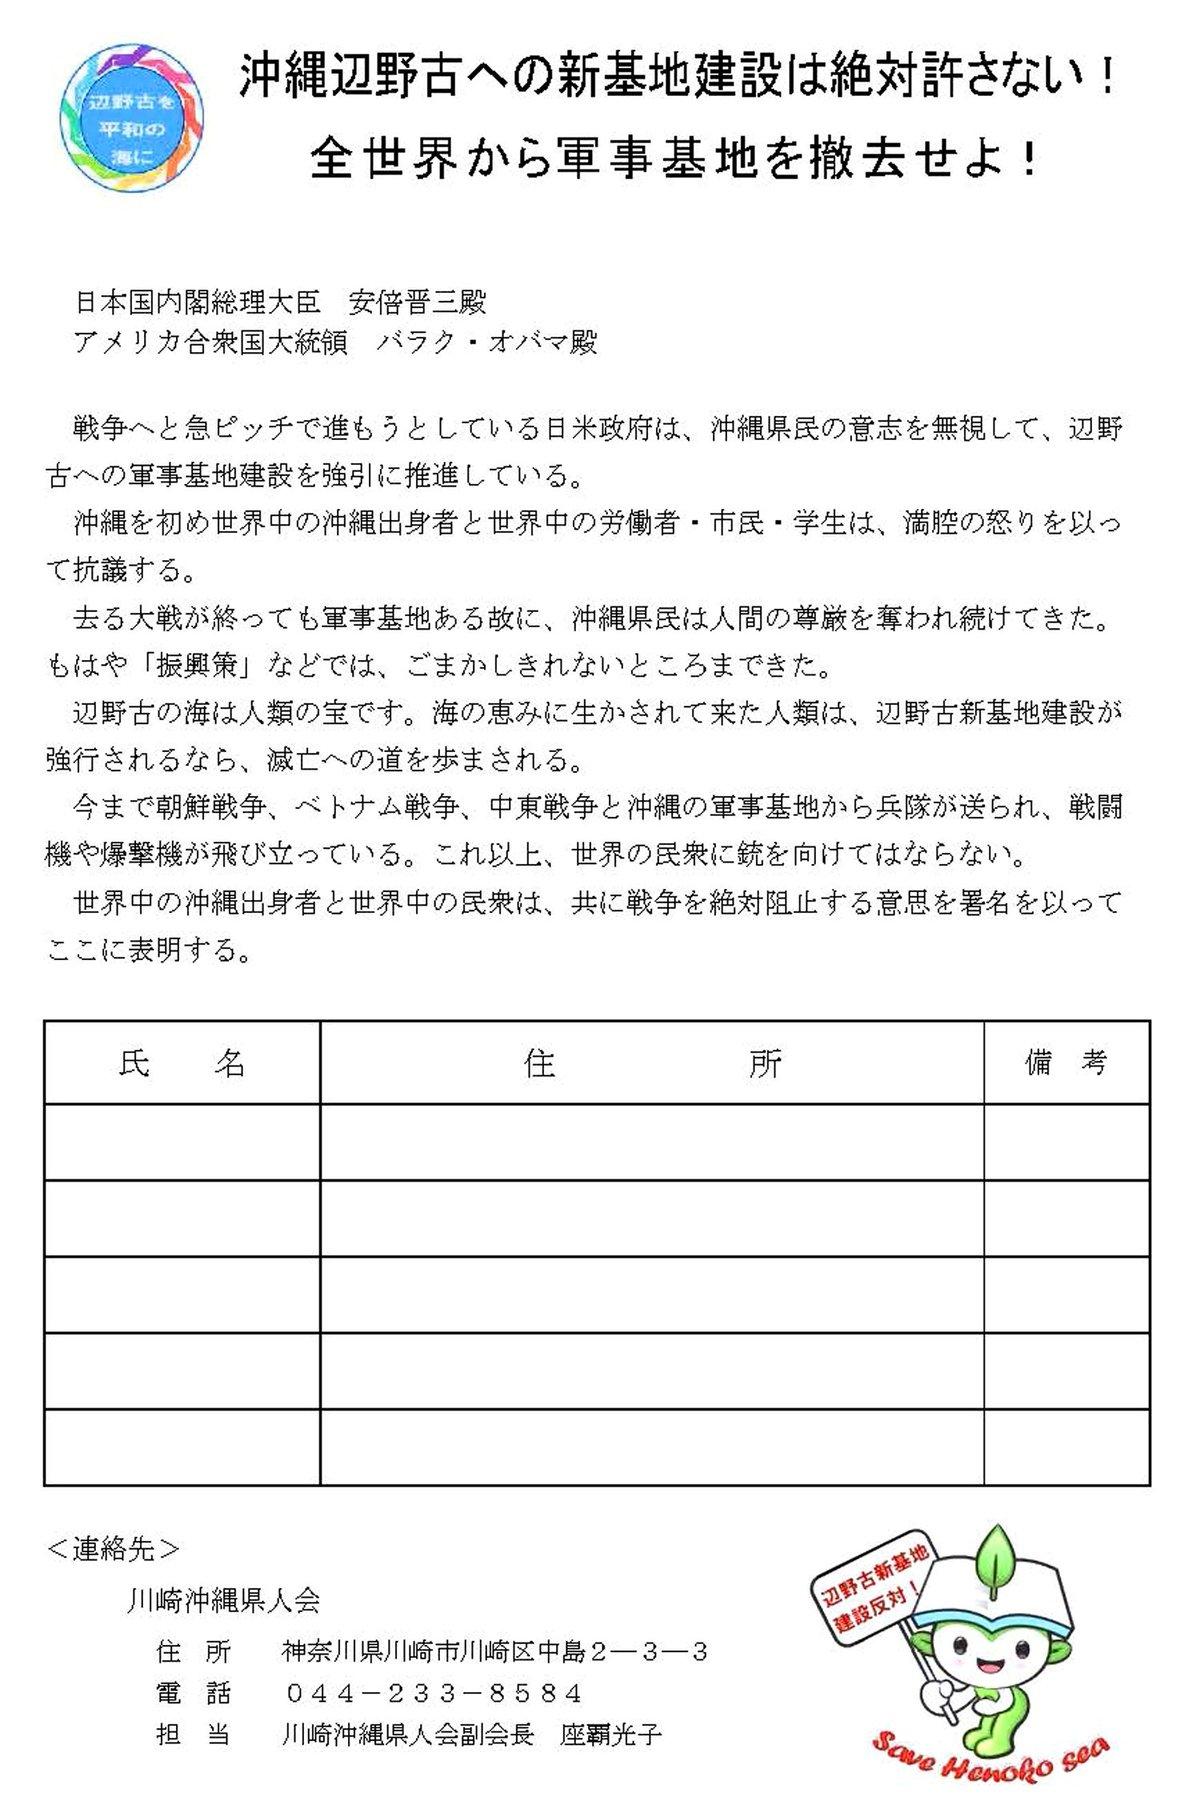 ムザイ : 辺野古新基地建設反対署名にご協力を!